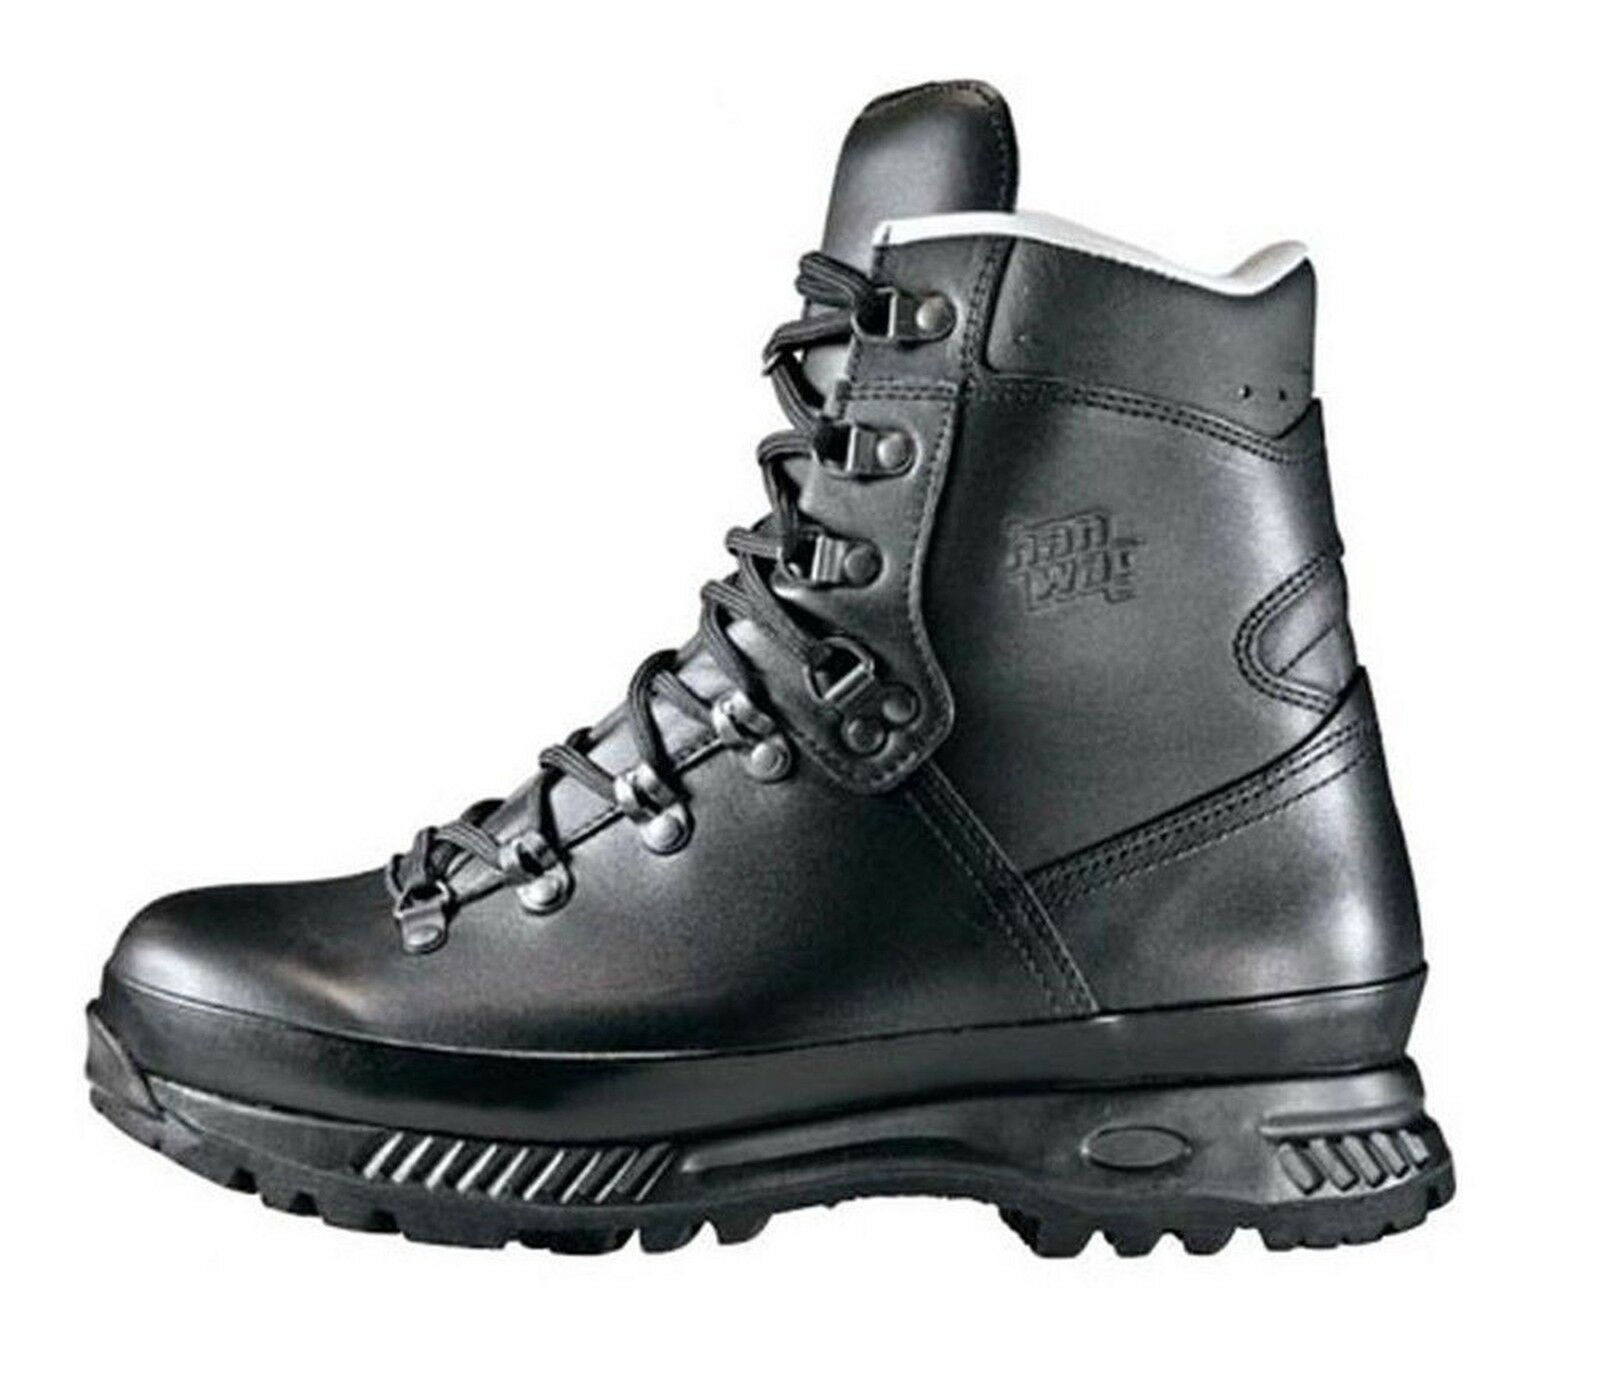 Militär und Sicherheitsdienst HANWAG Special Force LX Größe 8 schwarz - 42 schwarz 8 f36922